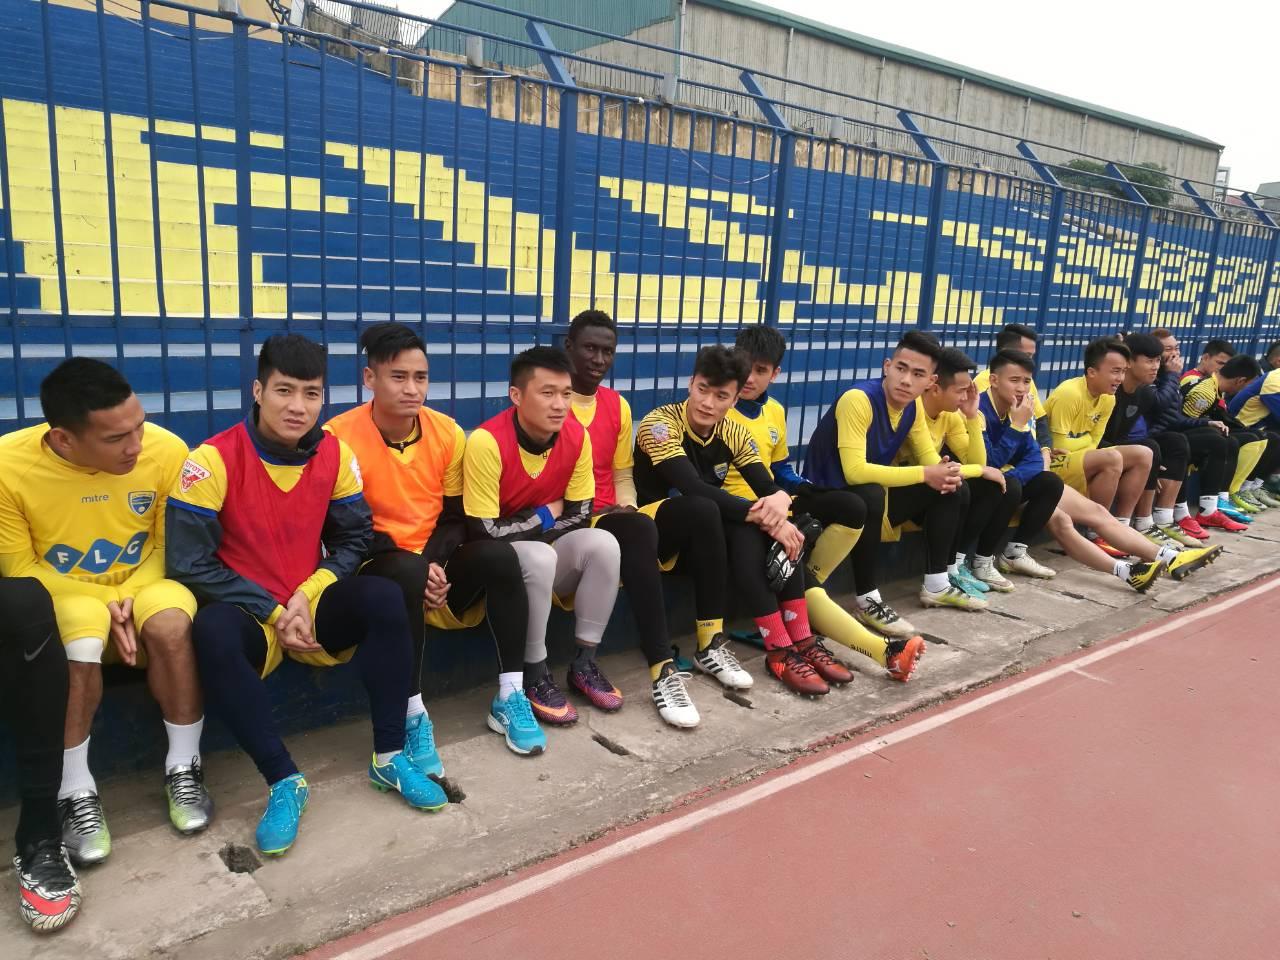 Bùi Tiến Dũng tập luyện tích cực cùng đồng đội, chuẩn bị đối đầu đội bóng Philippines